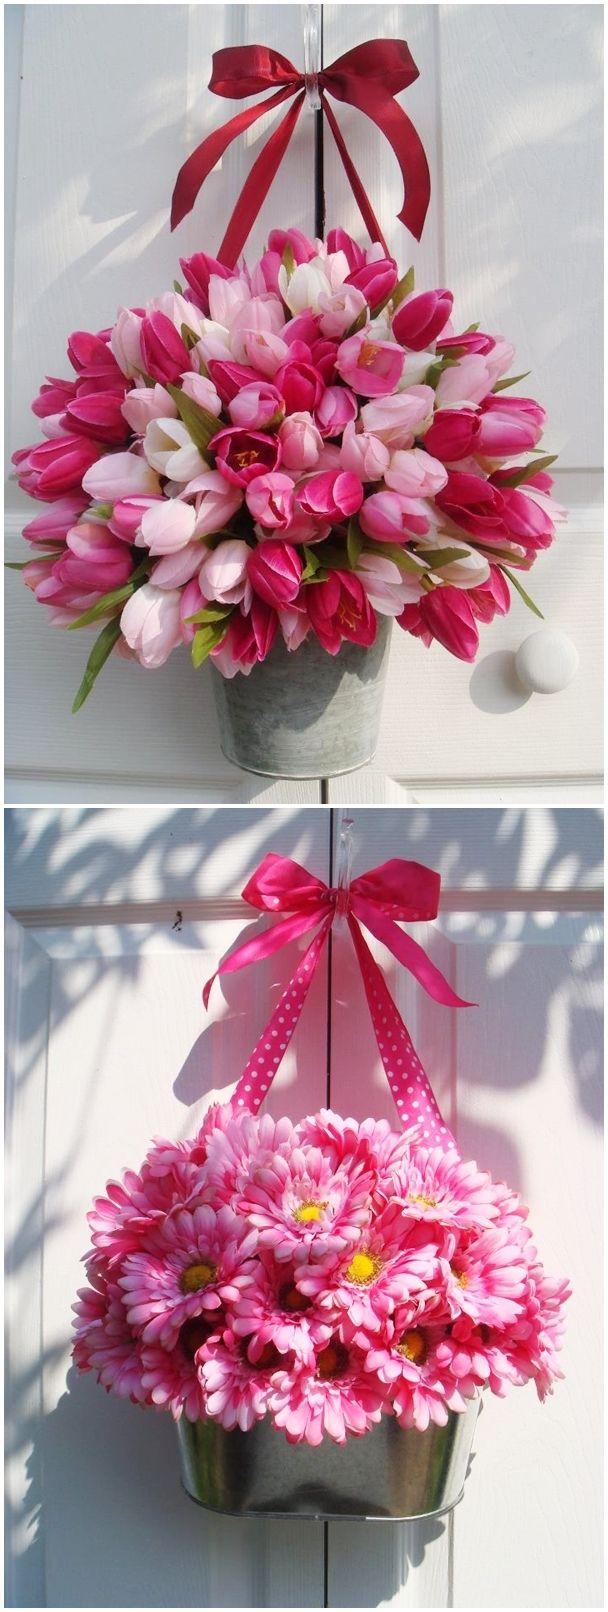 decorazioni floreali primaverili fai da te da appendere